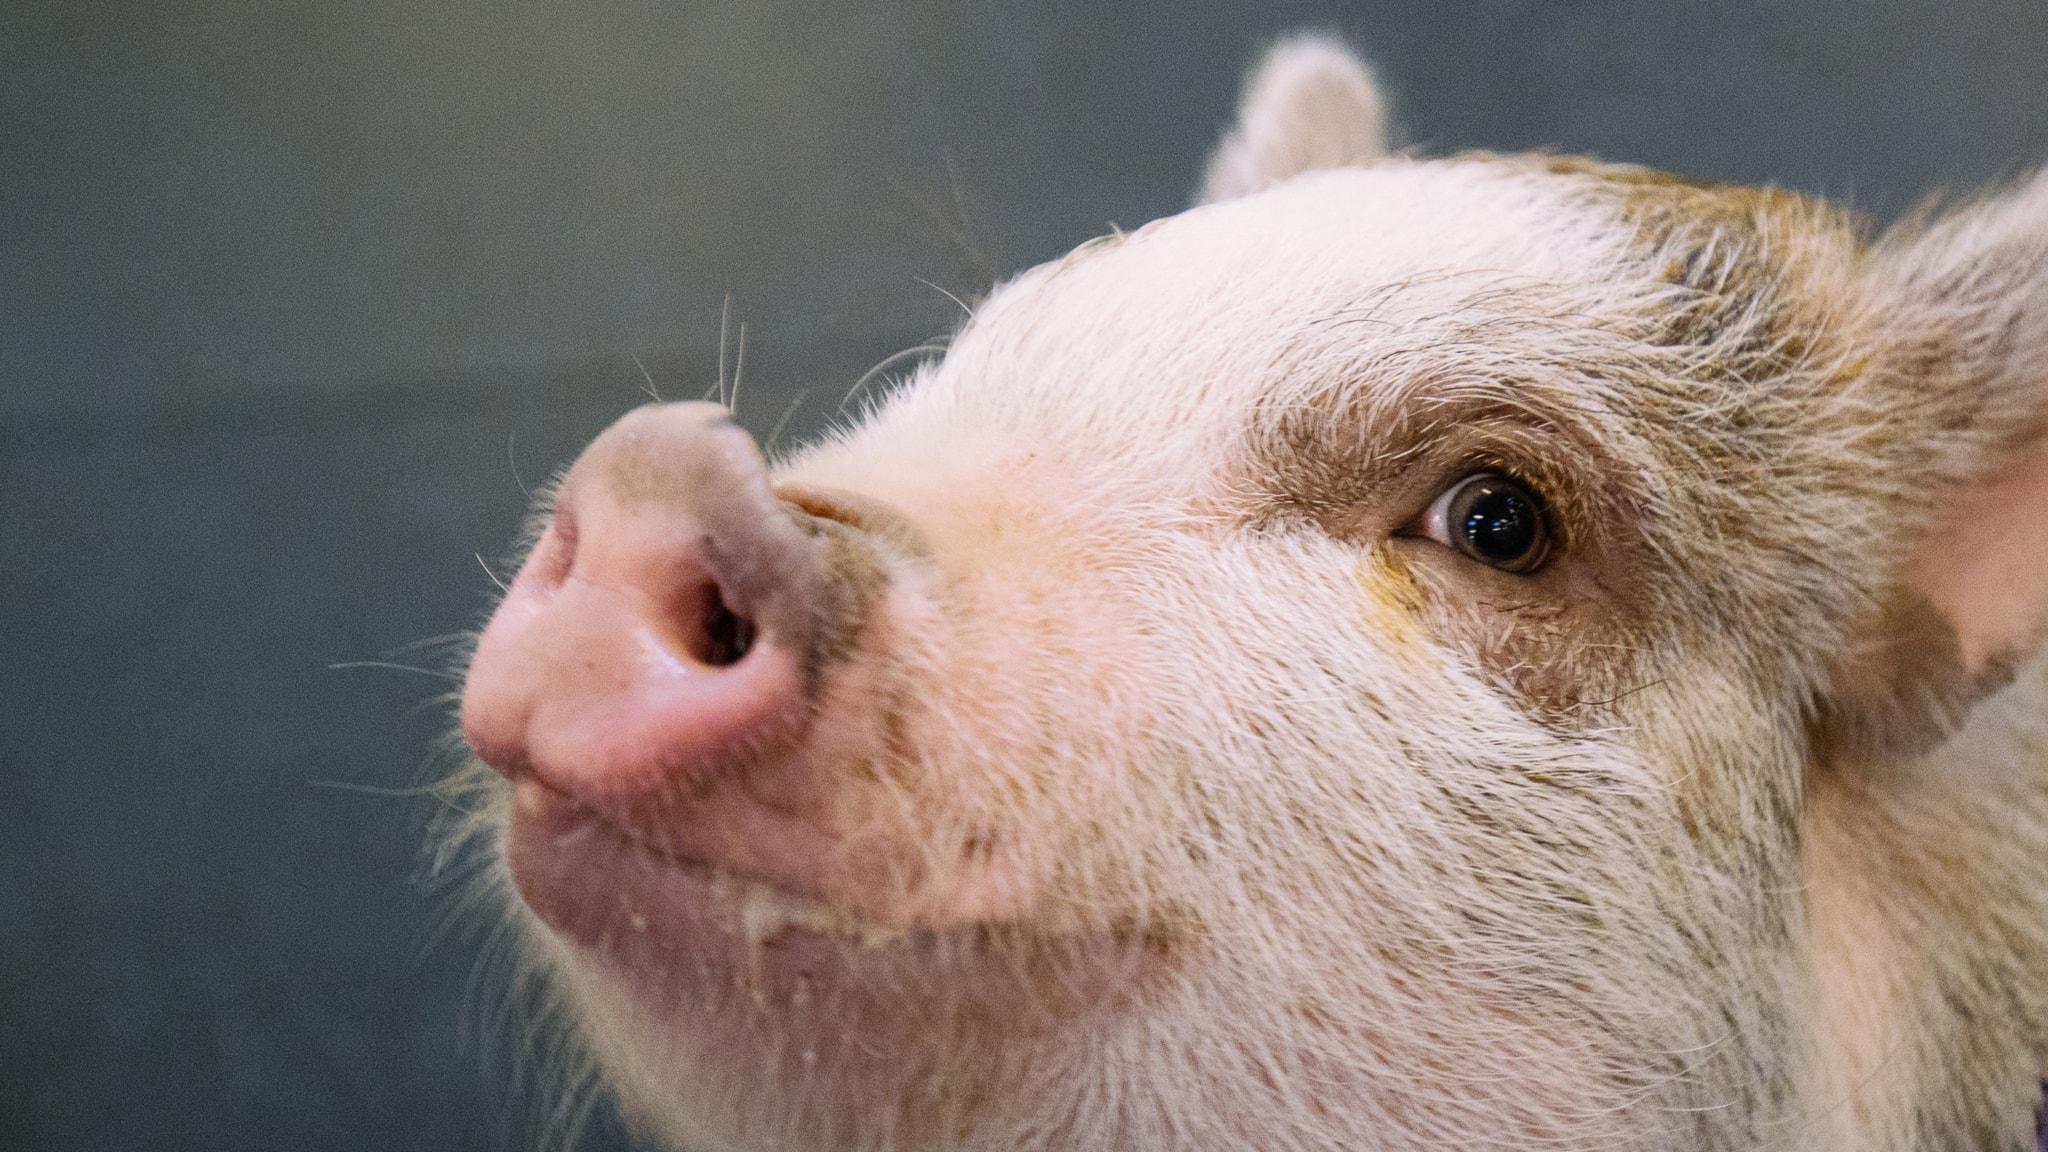 Vad tänker grisen på? Och har den samma värde som en människa?